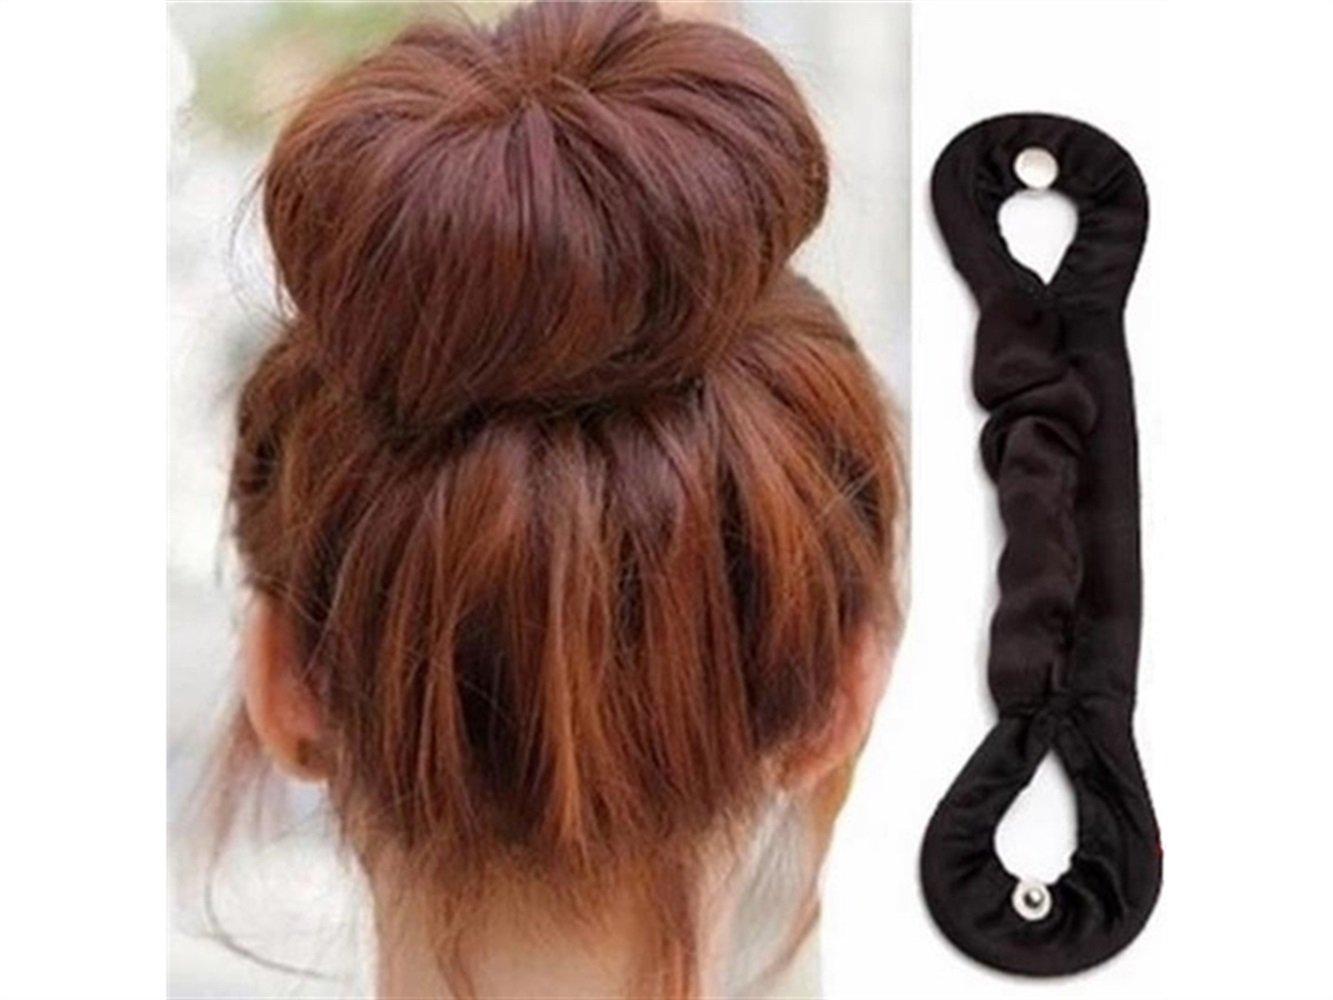 Mode Tissu enveloppé de cheveux Donut Bun couper les cheveux Pose Case DIY Hairstyling Fille Femme Décoration Huertuer